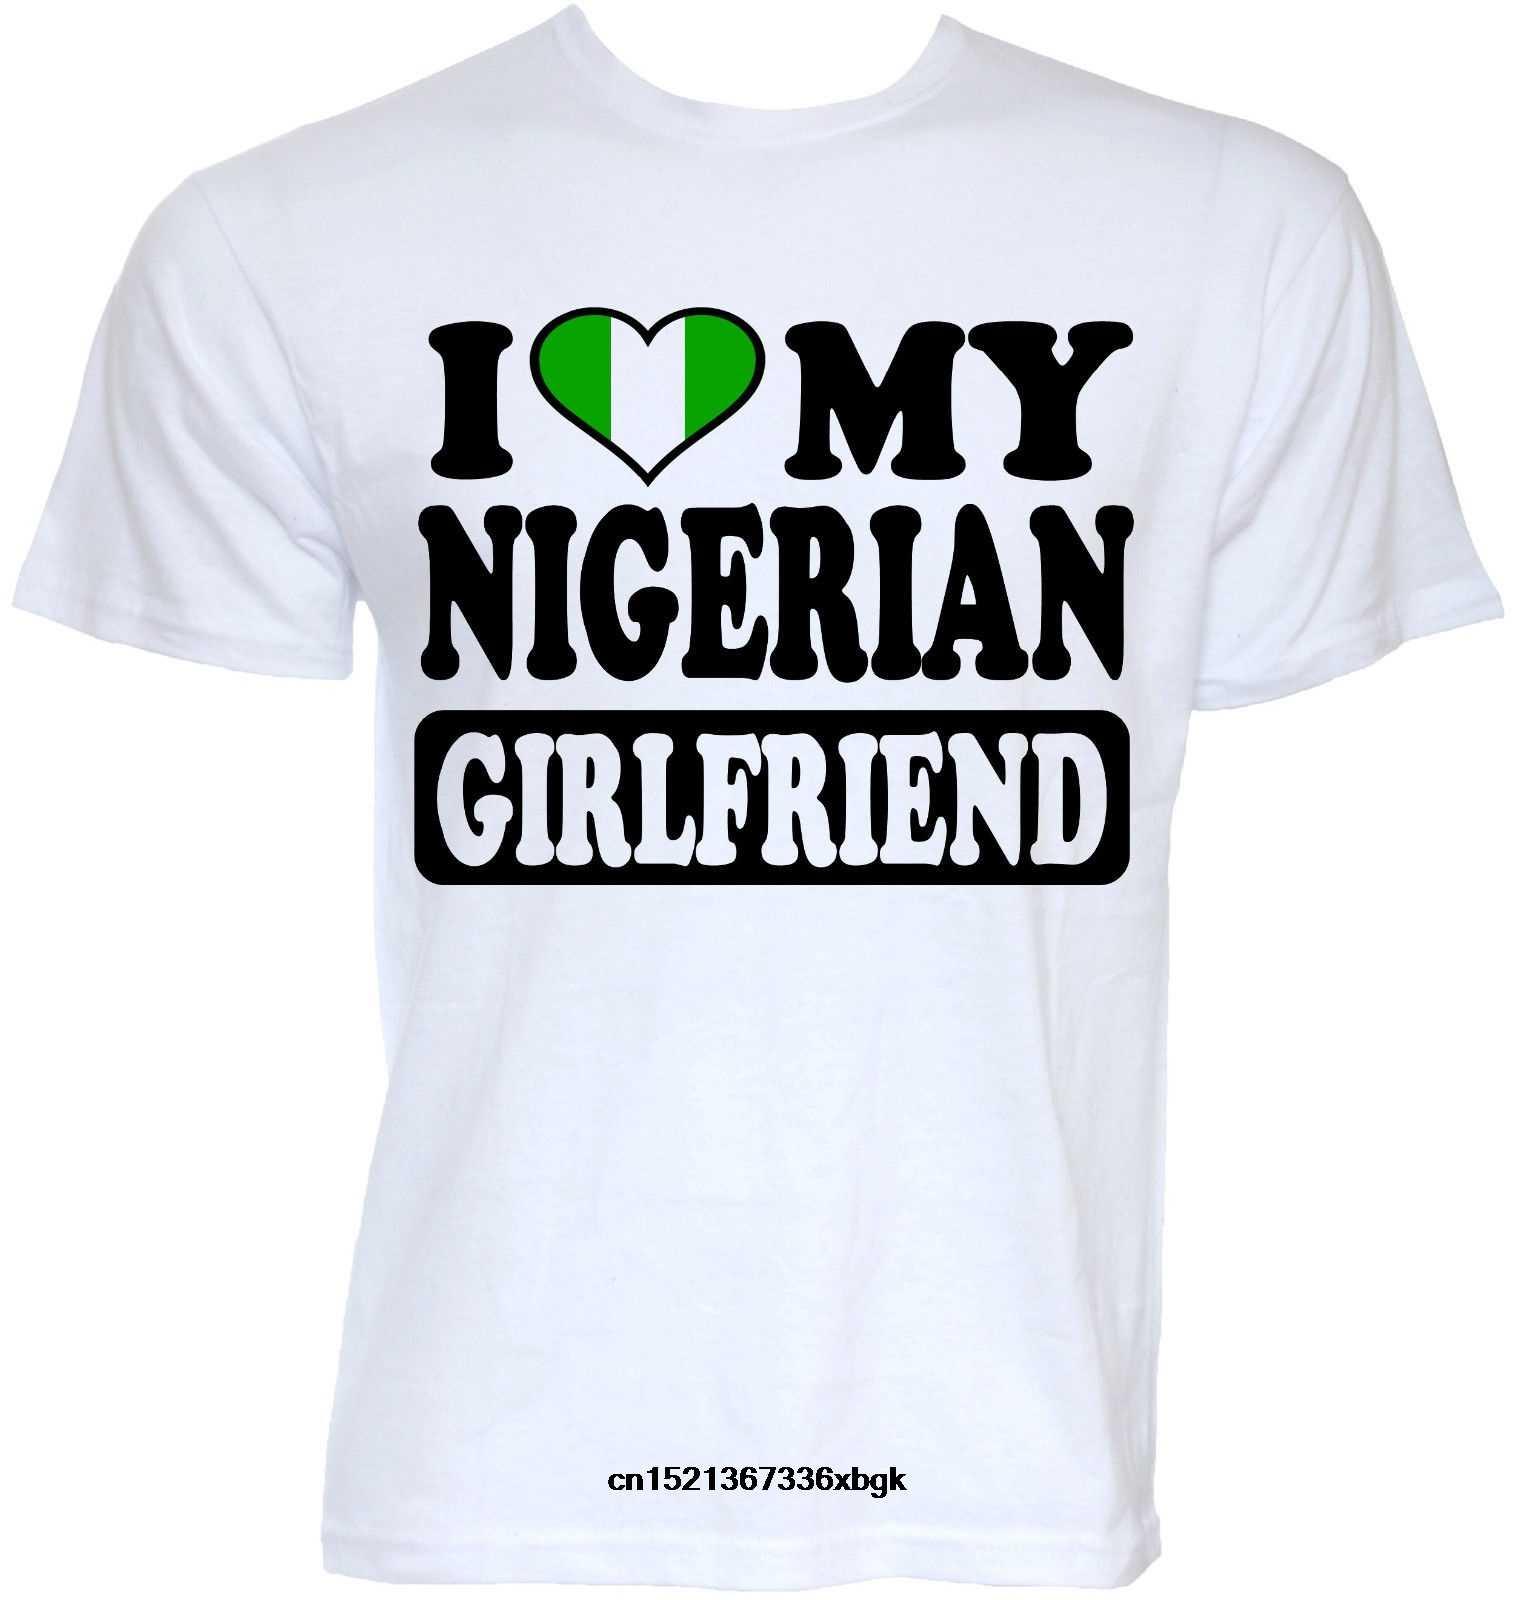 MENS מצחיק מגניב חידוש ניגרי חברה ניגריה דגל חולצות בדיחה כיף מתנות קיץ חדש גברים כותנה T חולצה למעלה טי